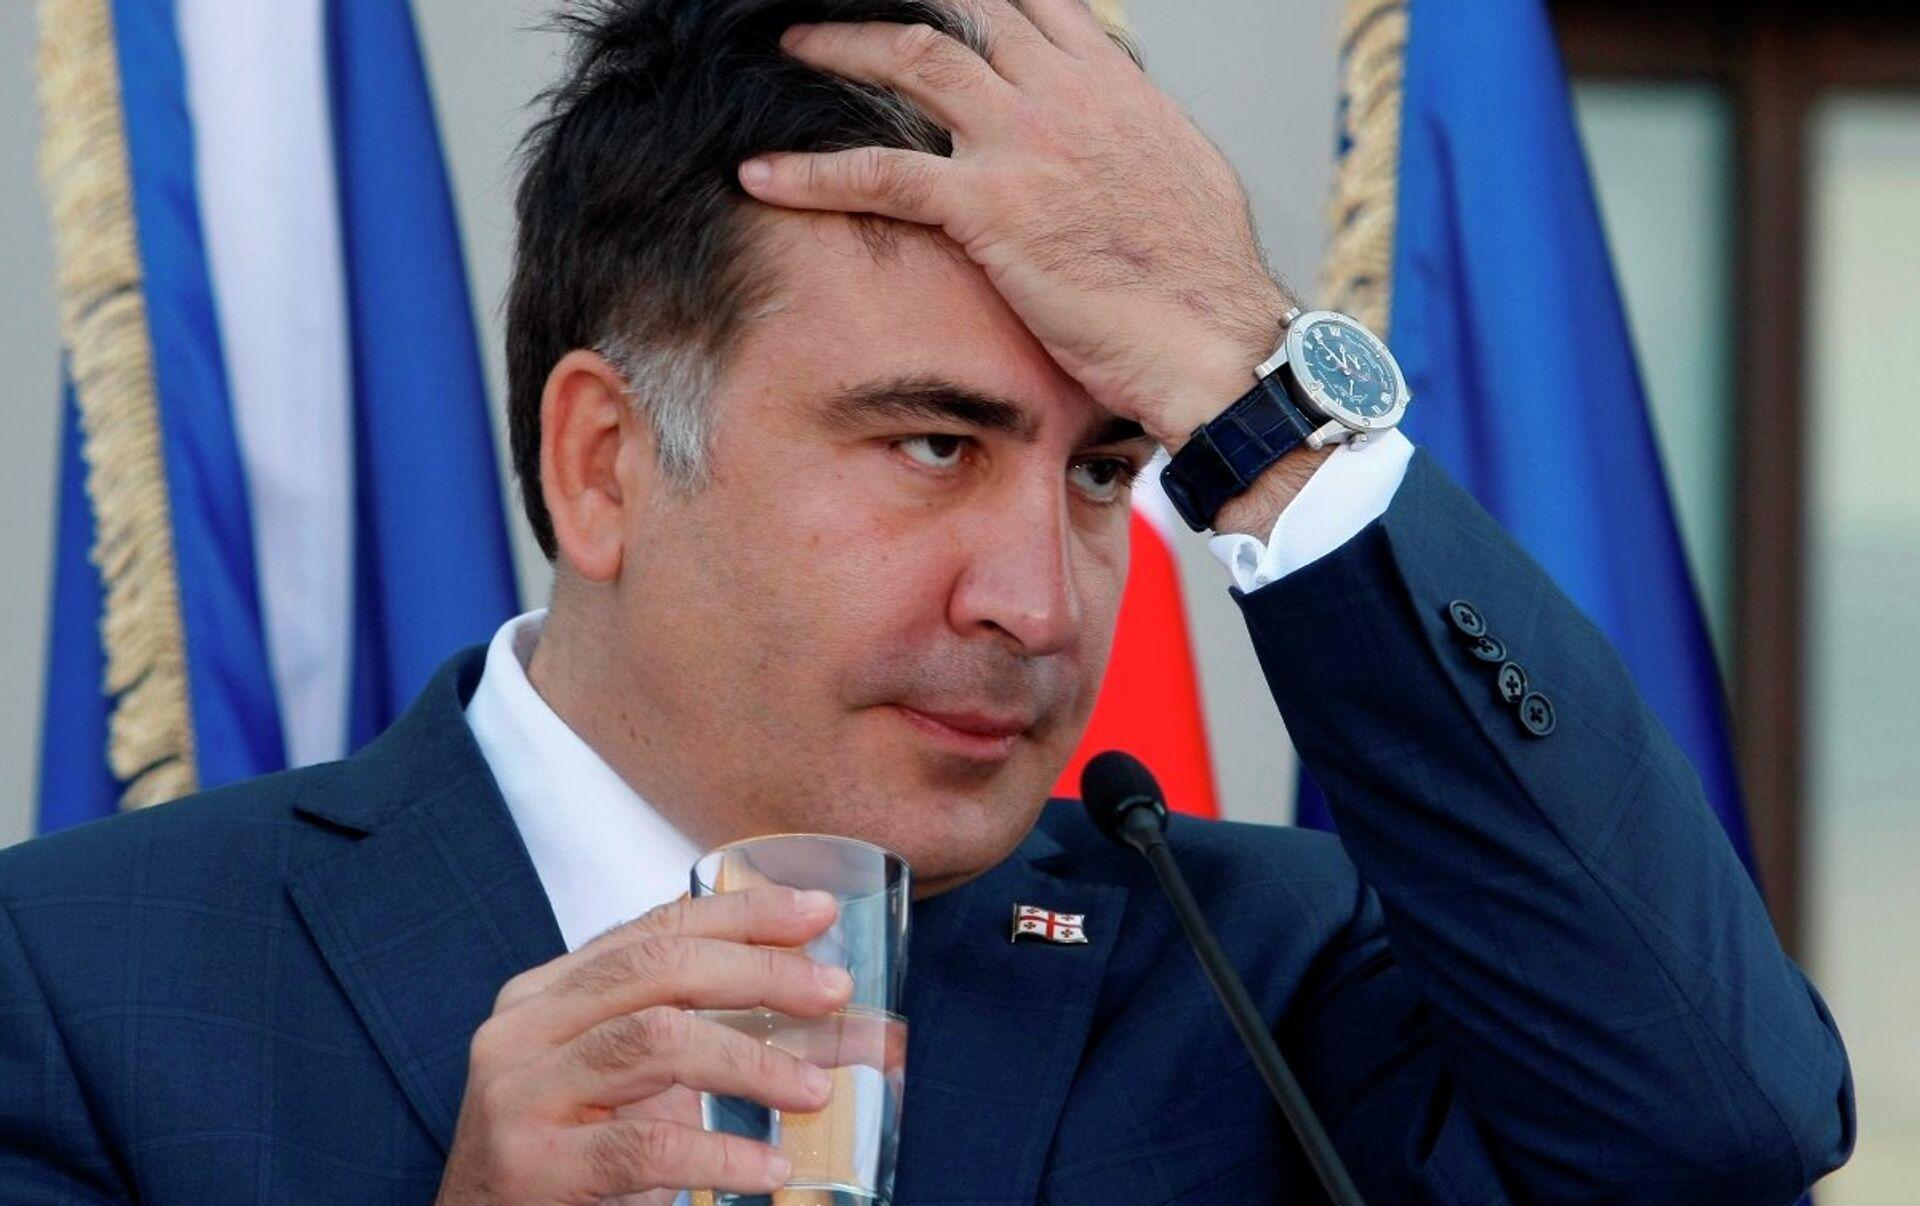 Gürcistan Başbakanı: Saakaşvili'nin yeri cezaevi - 03.11.2015, Sputnik  Türkiye